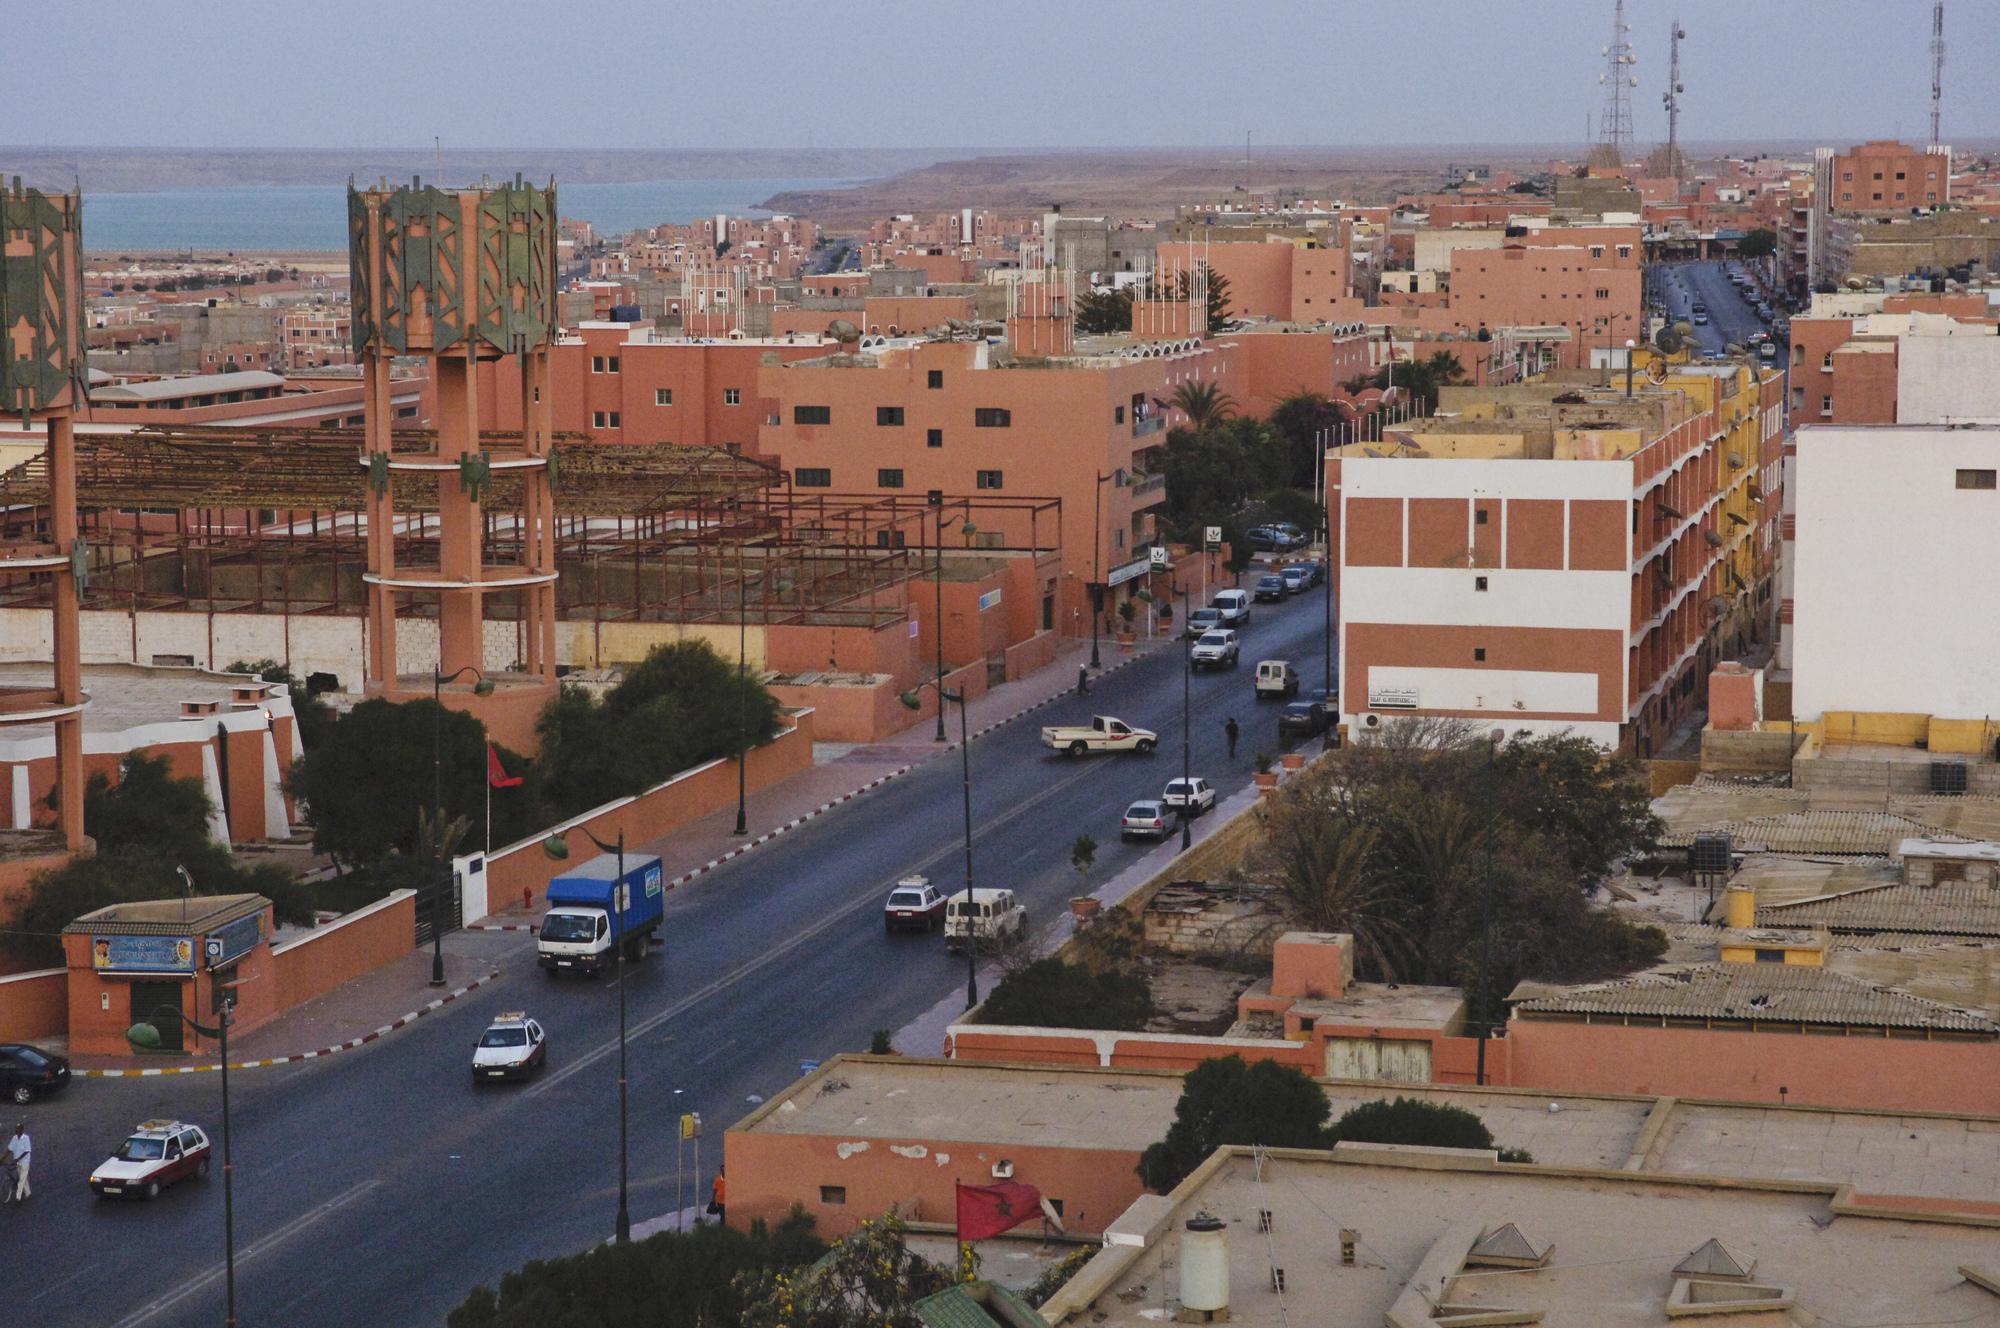 La ville de Laâyoune (image d'illustration).